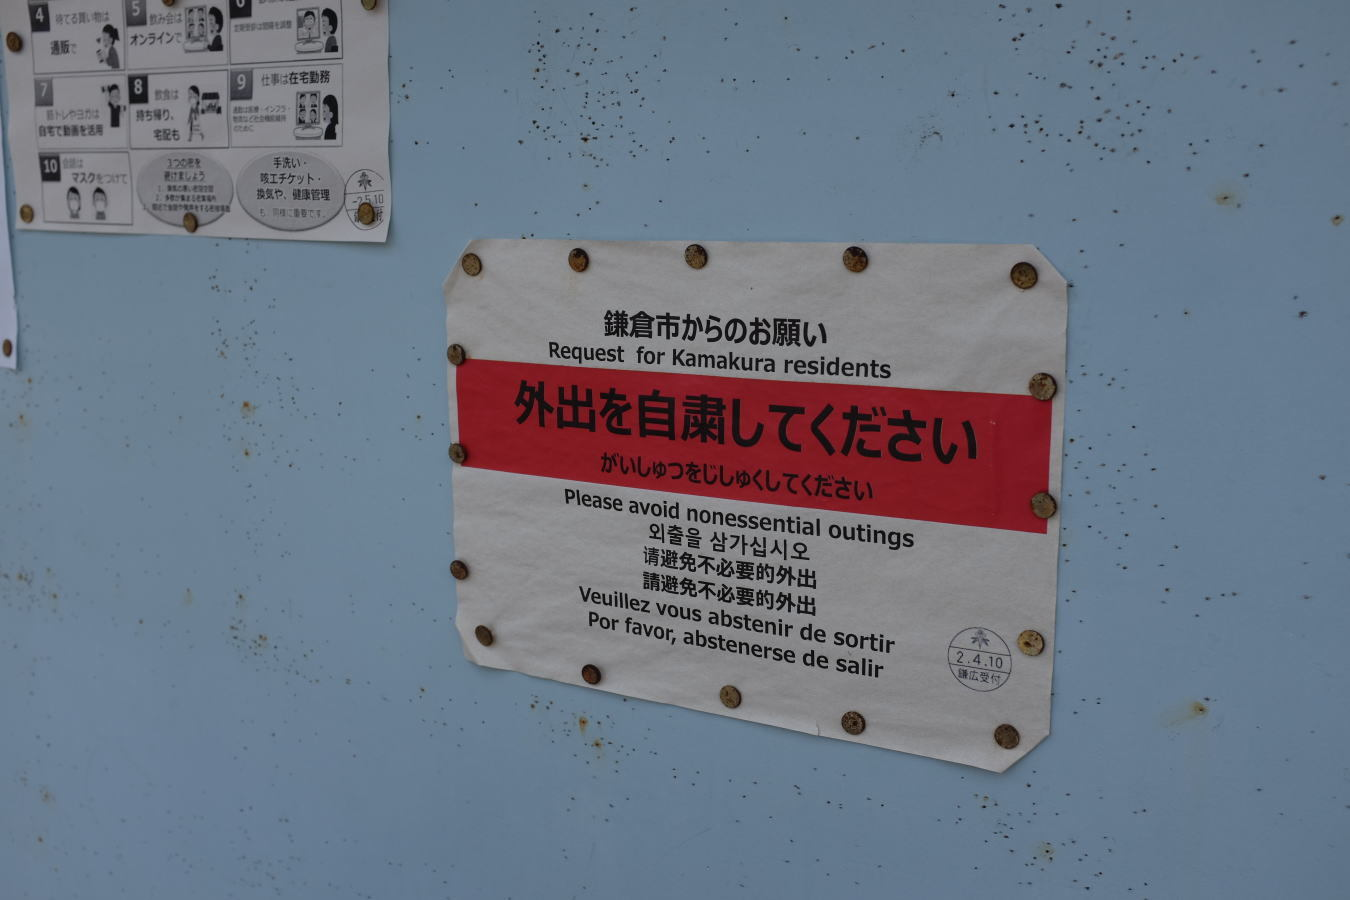 DSCF7583-fc2.jpg